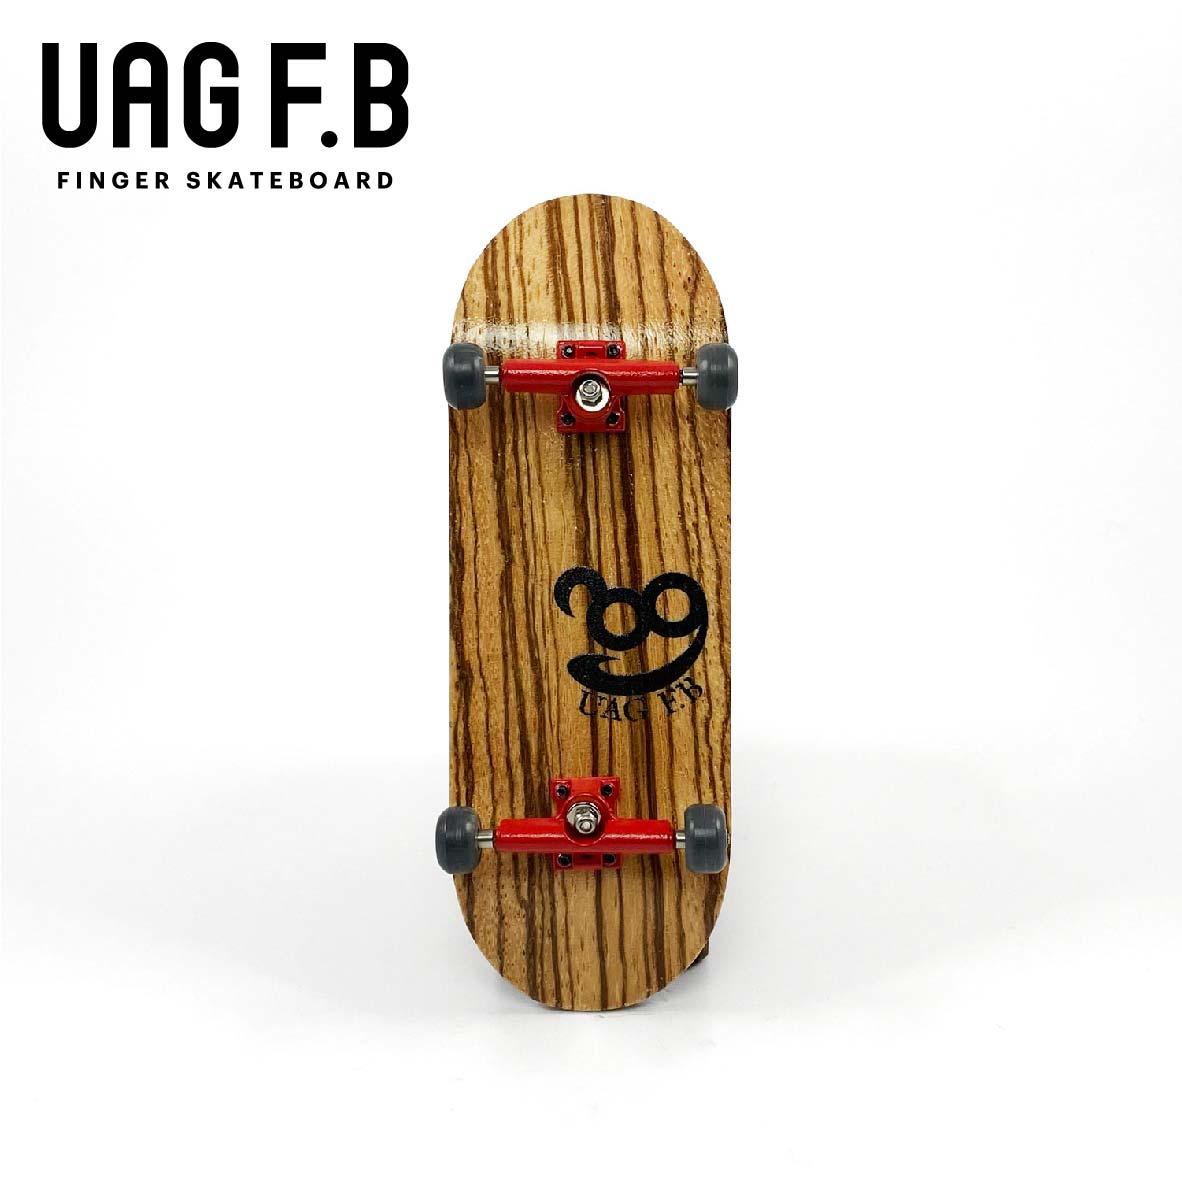 これから始めたい方にオススメ 価格とクオリティーにこだわったUAG F.Bの定番モデル UAG F.B 《UAG リミテッドコンプリート》 指スケ skate finger ver- 爆買い新作 -slim 期間限定で特別価格 Zebra board